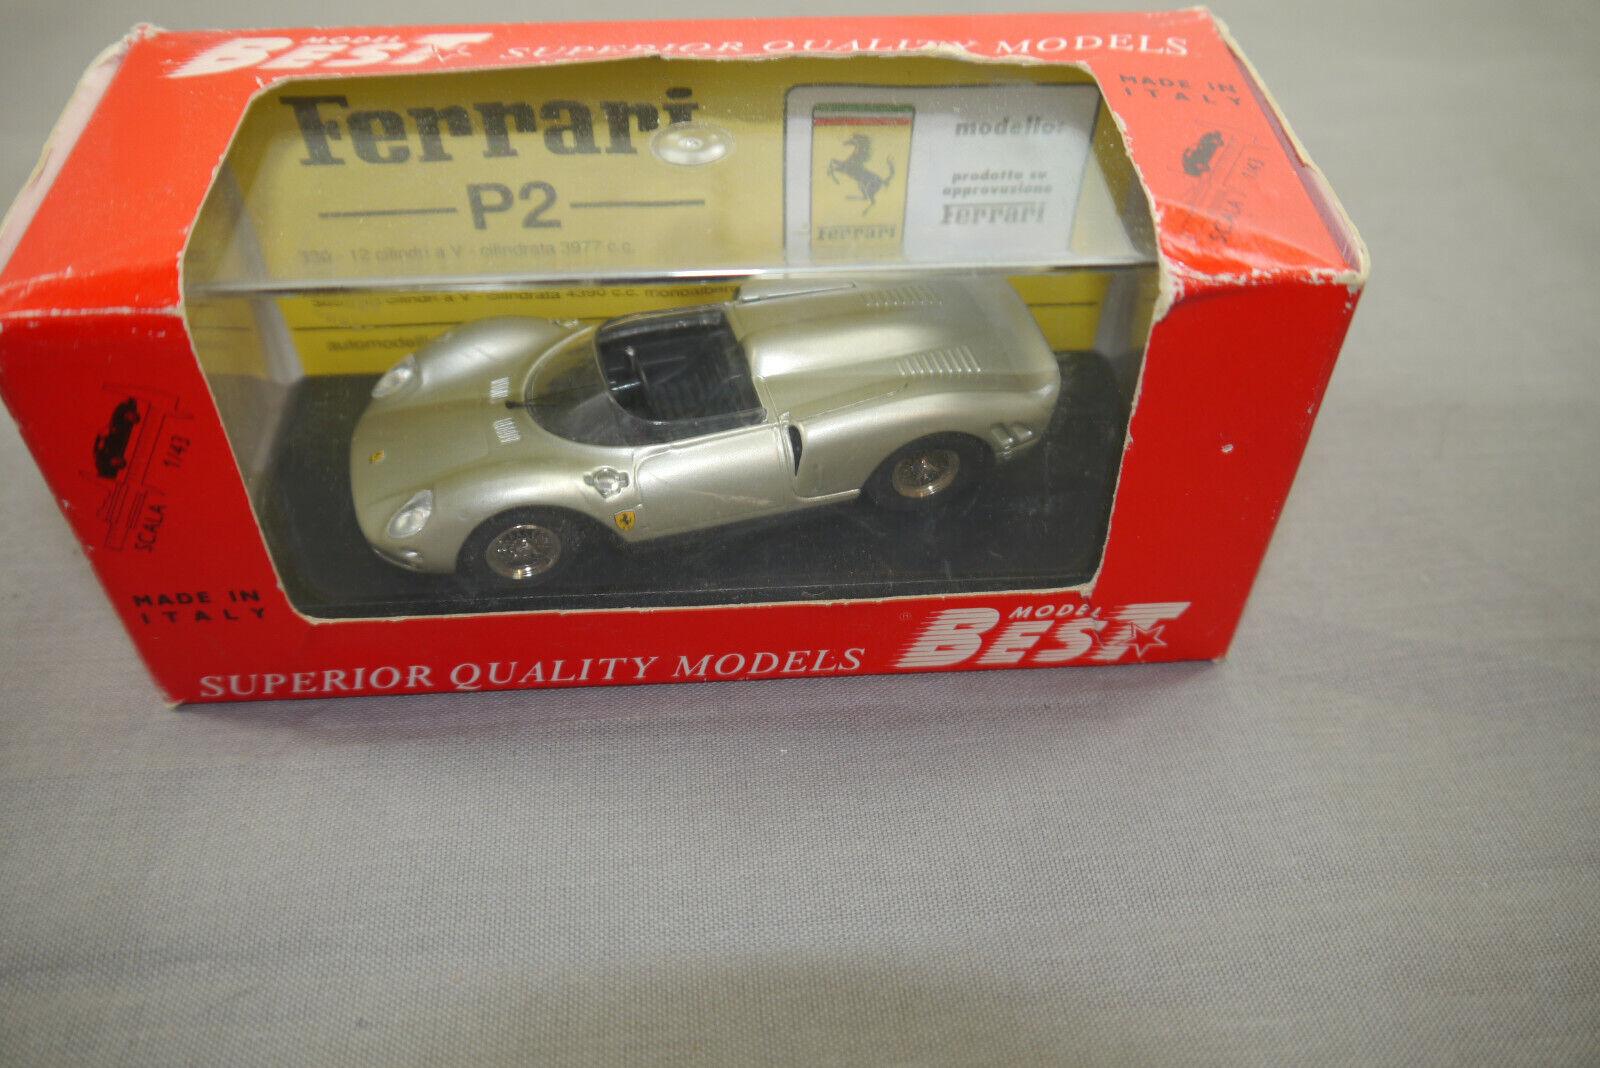 Förlaga bäst Superior Quality modellllerler Ferrari P2 9072 1 43 (K41)